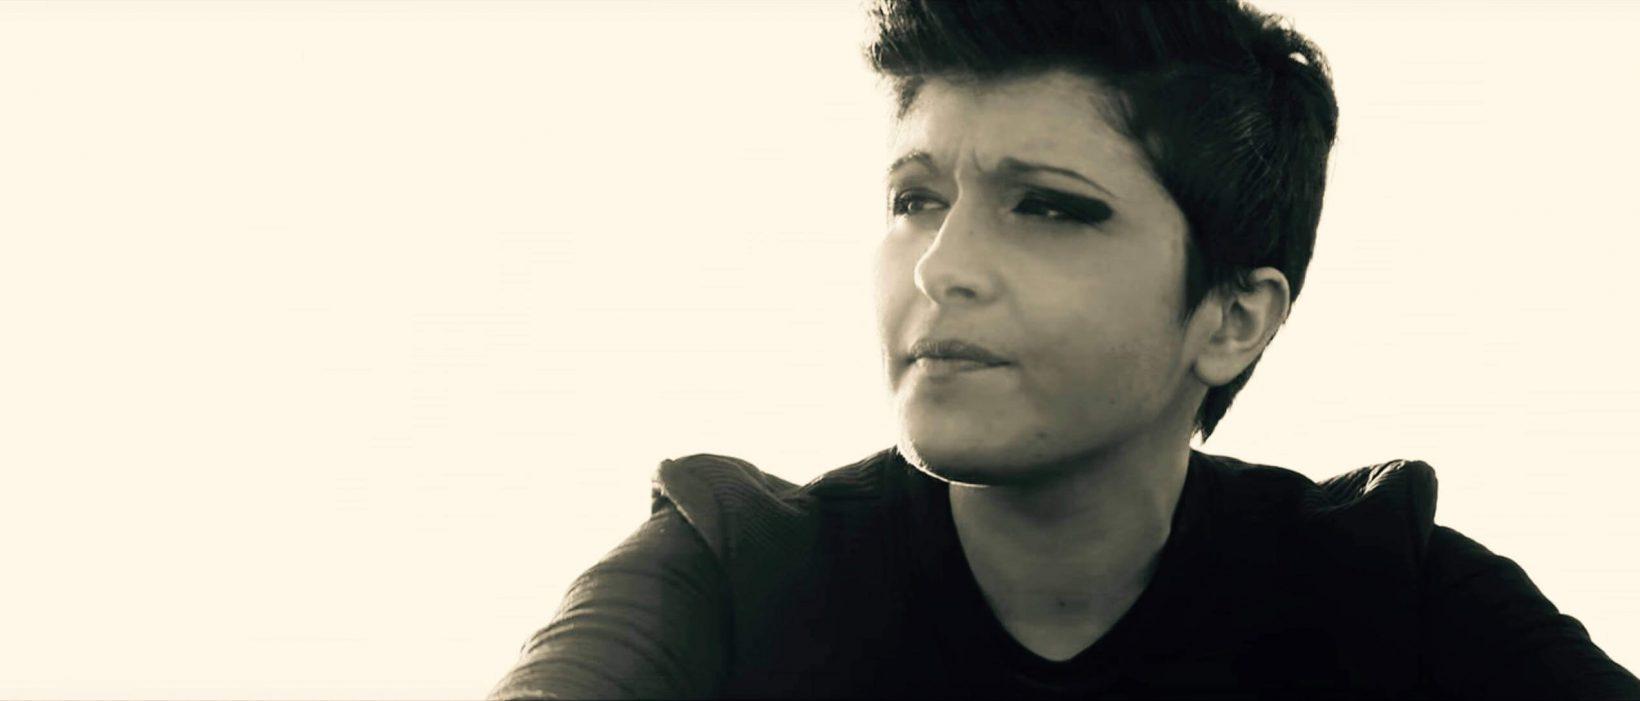 Musica Italiana, Nuove Uscite. Ciaro: in anteprima il video del singolo per Sanremo 2020